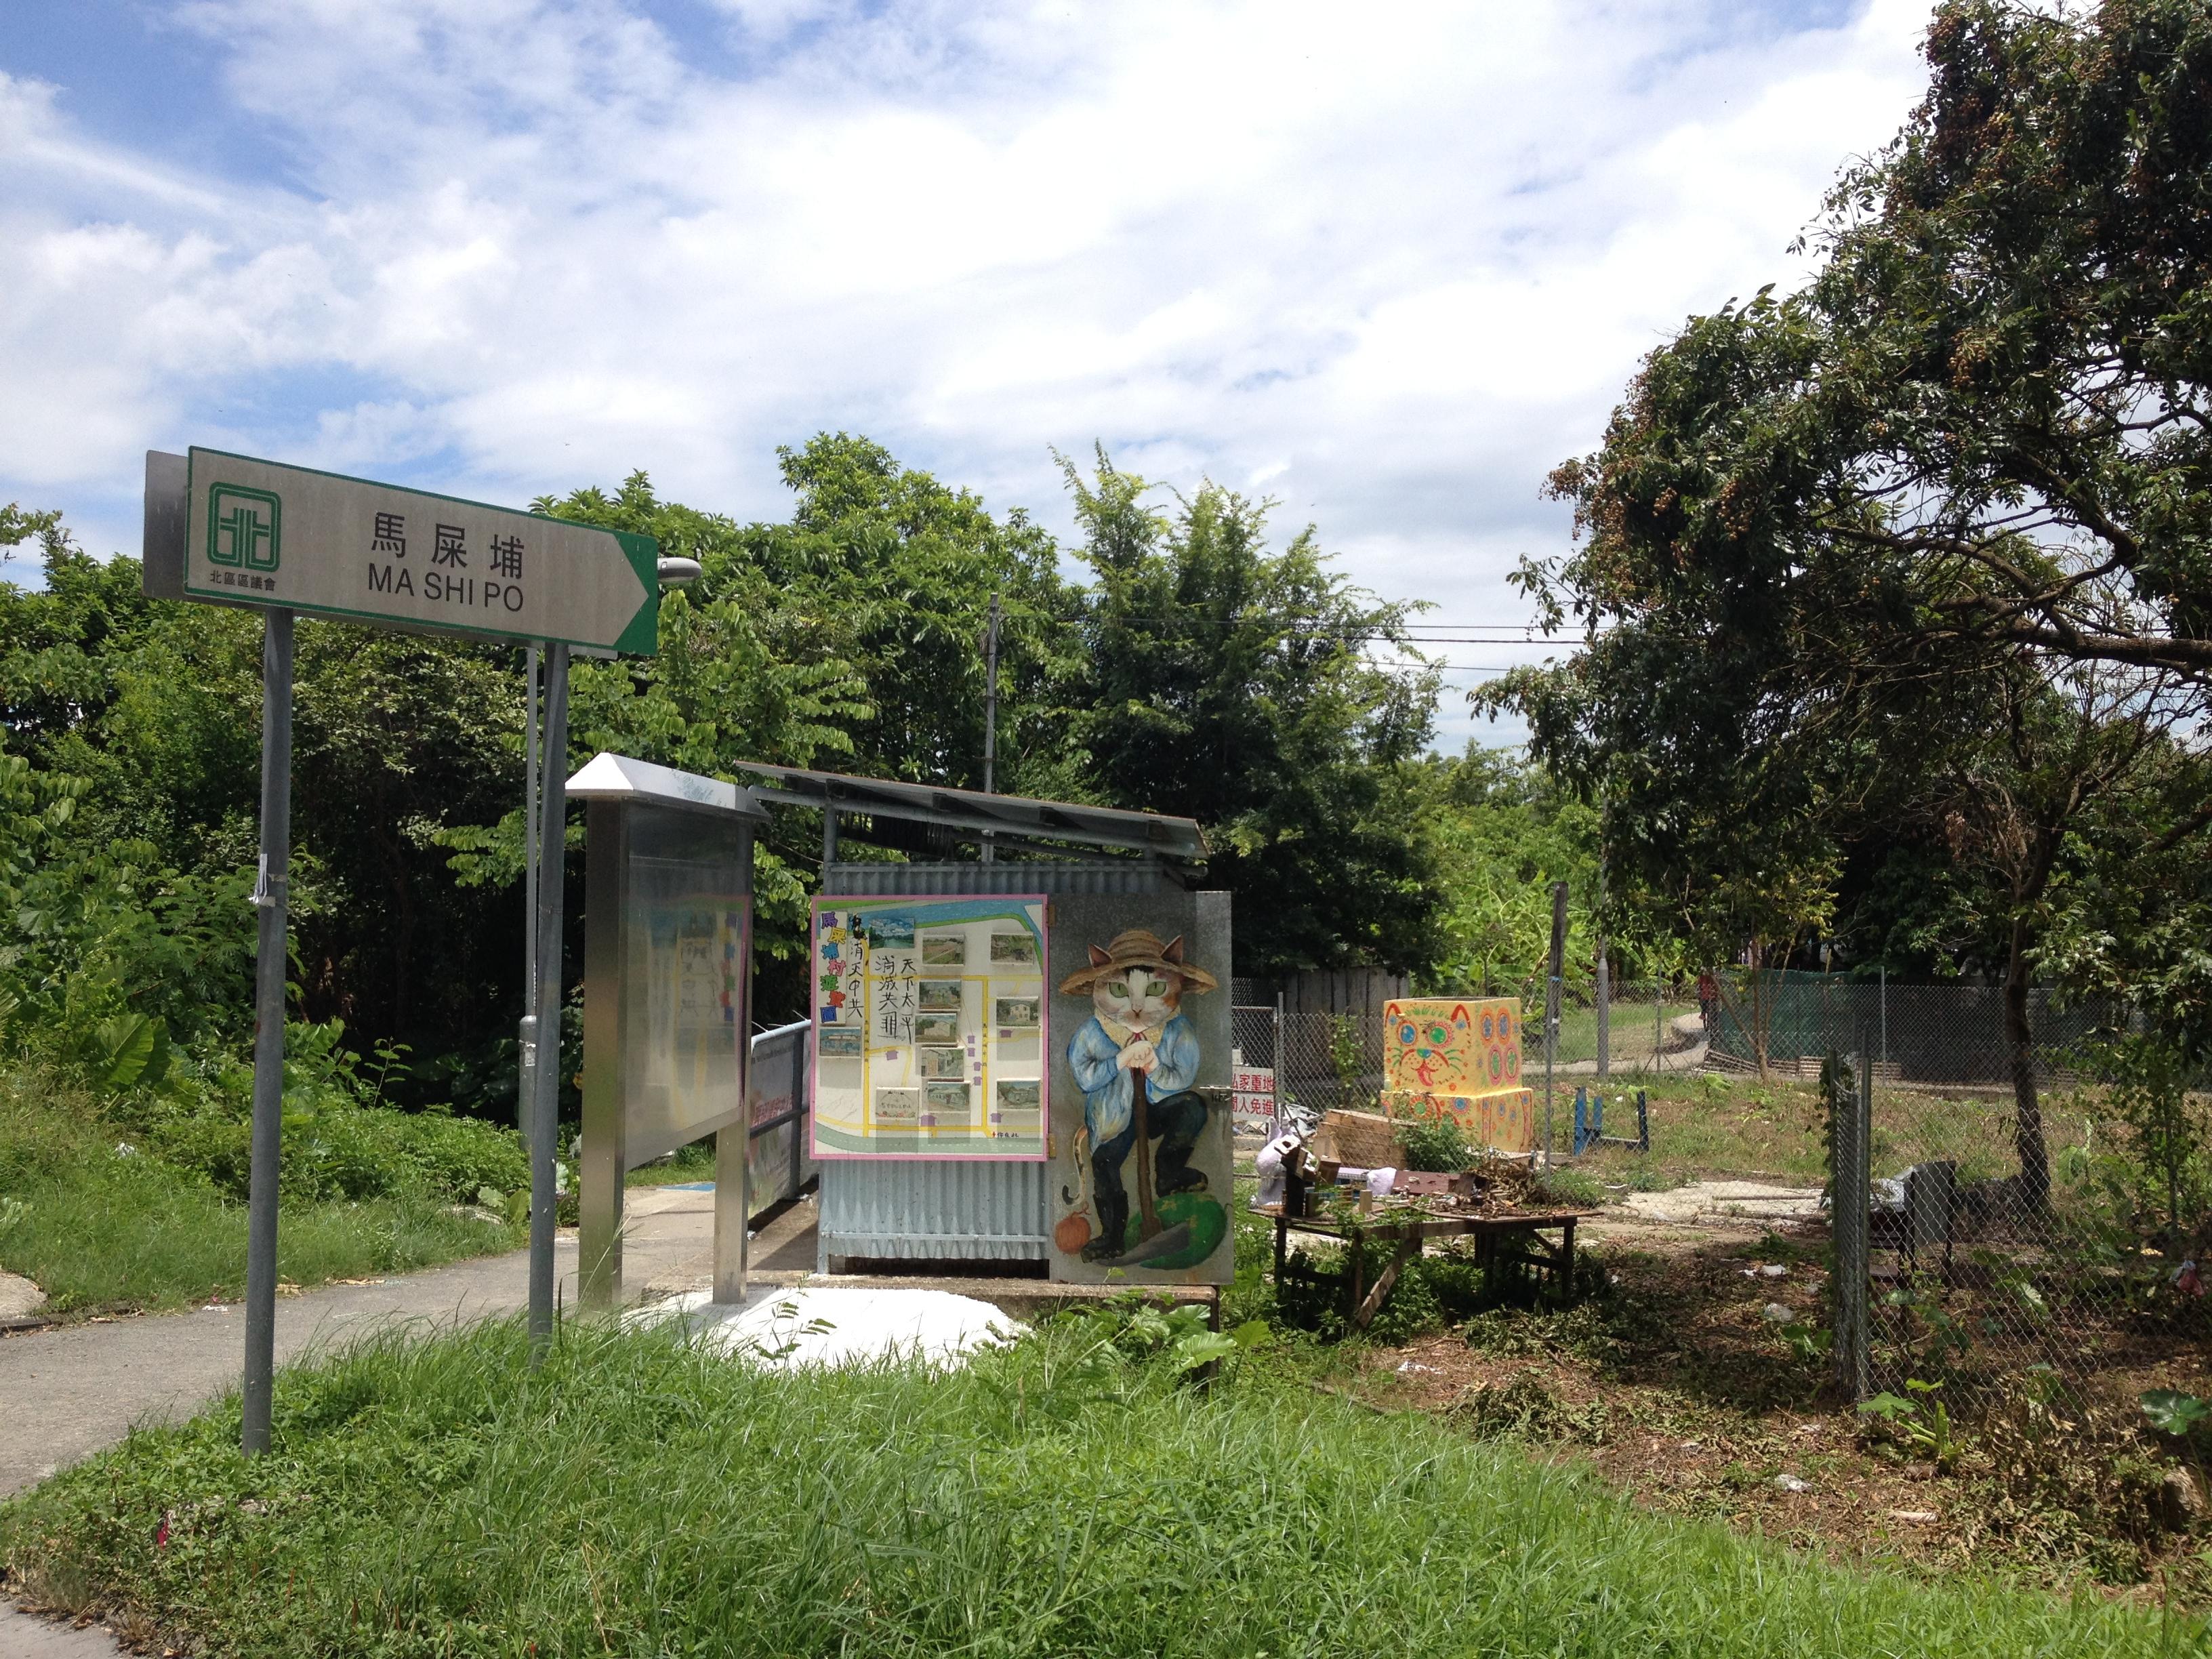 尋找馬寶寶|where? | 馬寶寶社區農場 Mapopo Community Farm